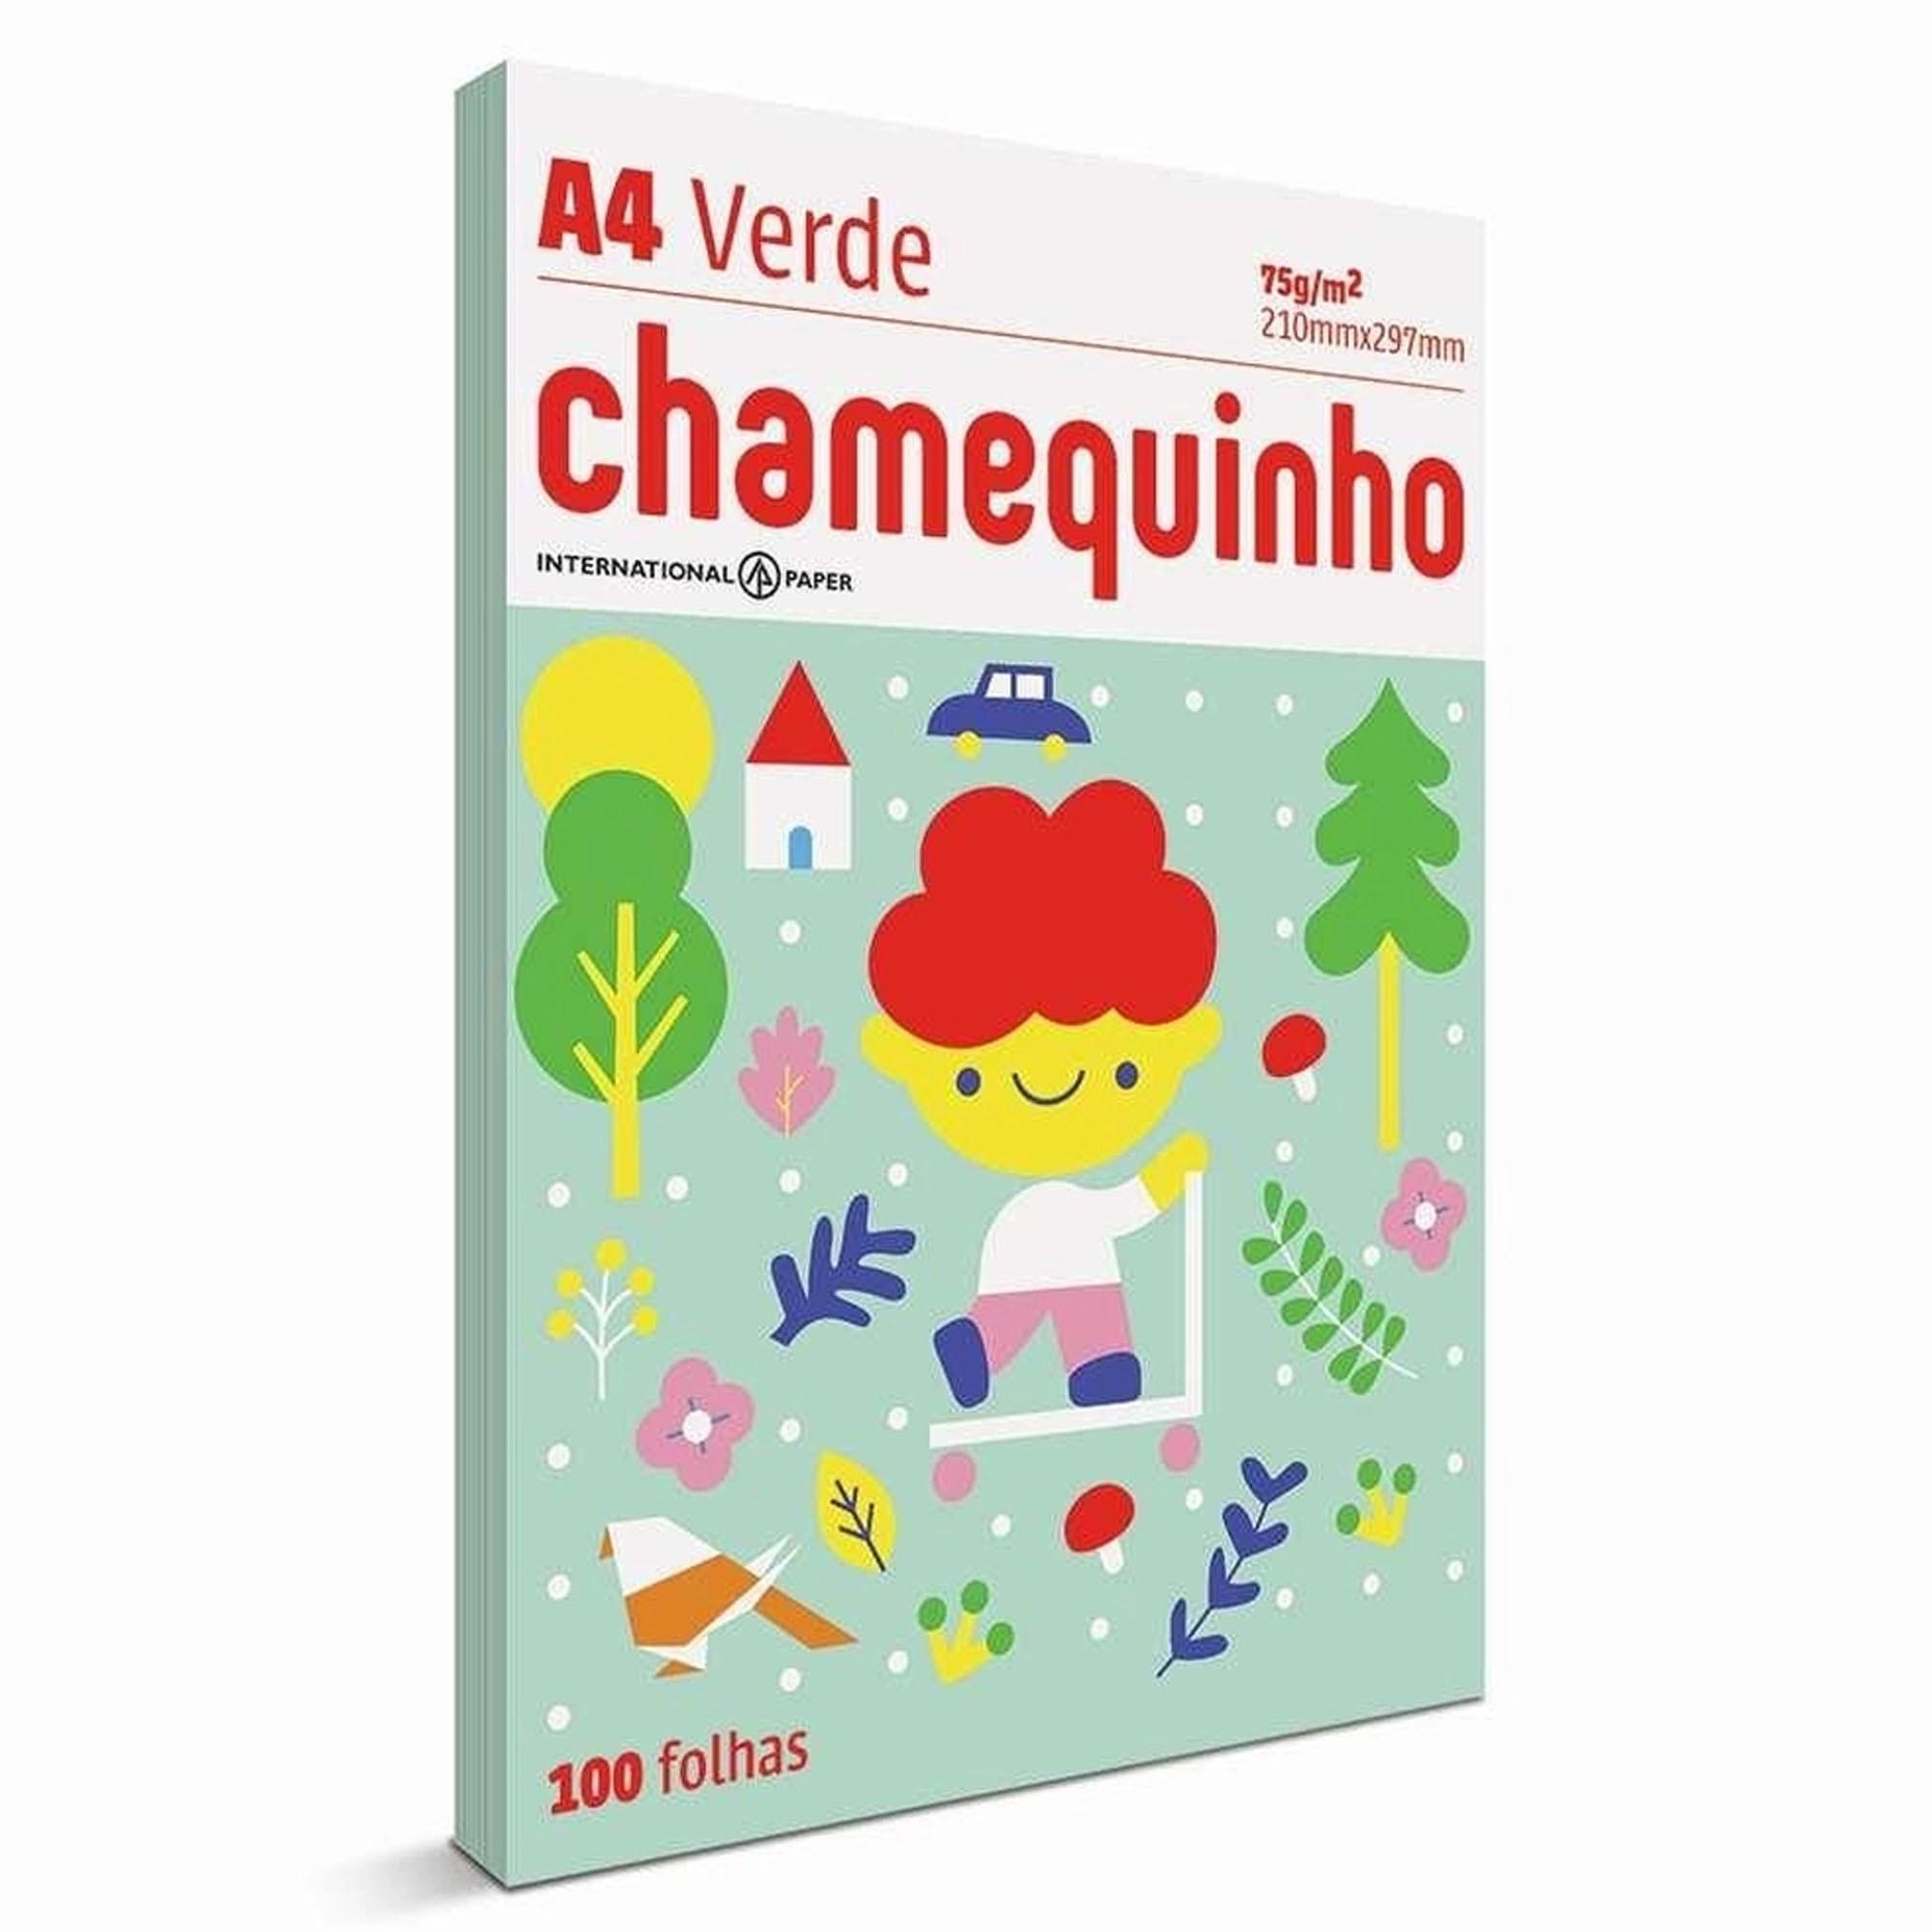 PAPEL SULFITE A4 75G 100 FOLHAS - CHAMEQUINHO VERDE